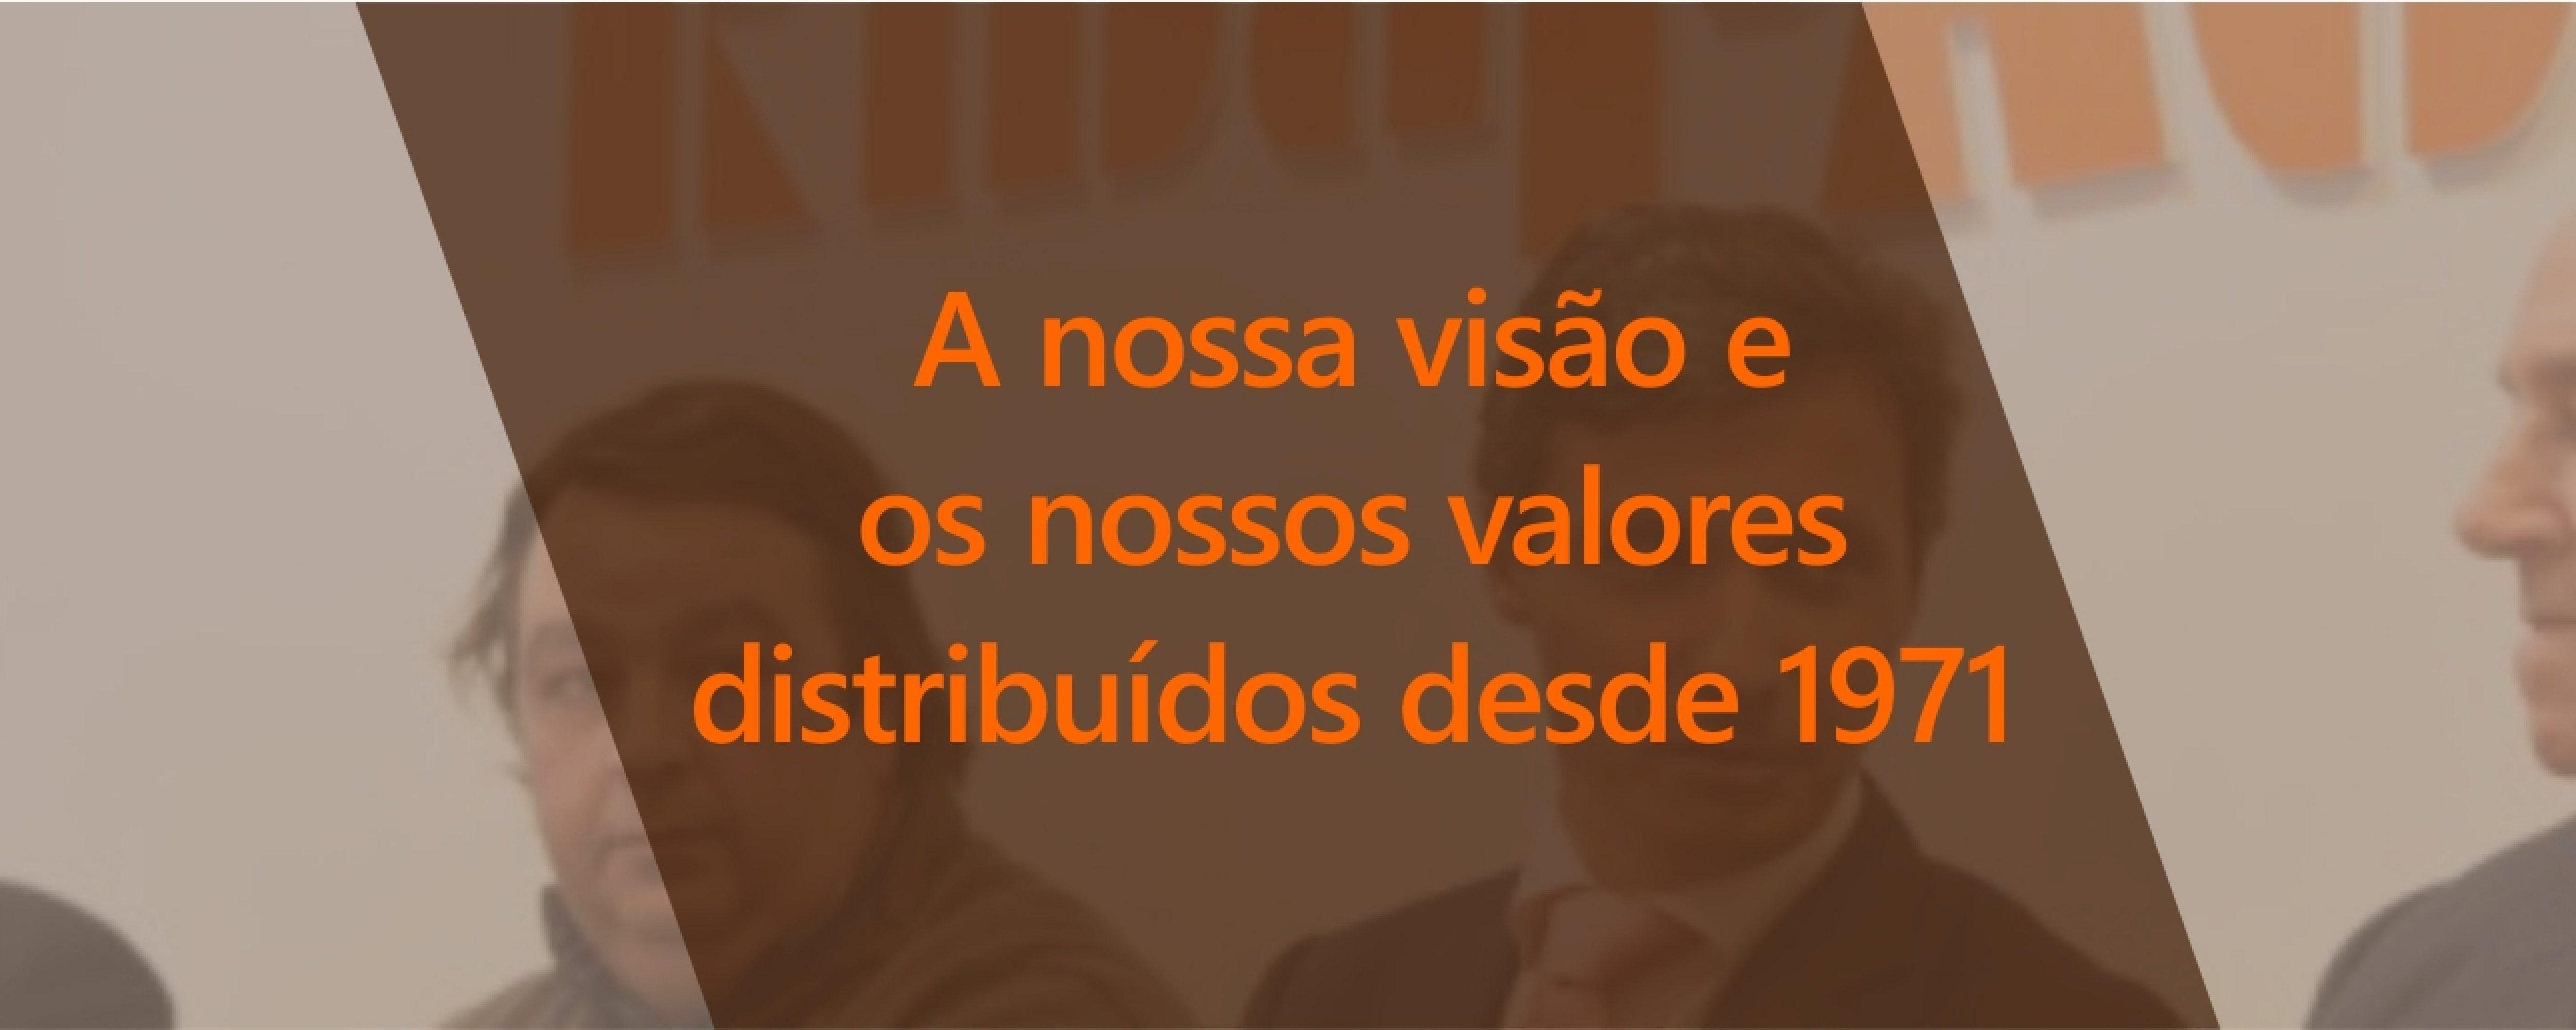 Cabeçalho Ribapão(Missão,Visão e Valores)-texto